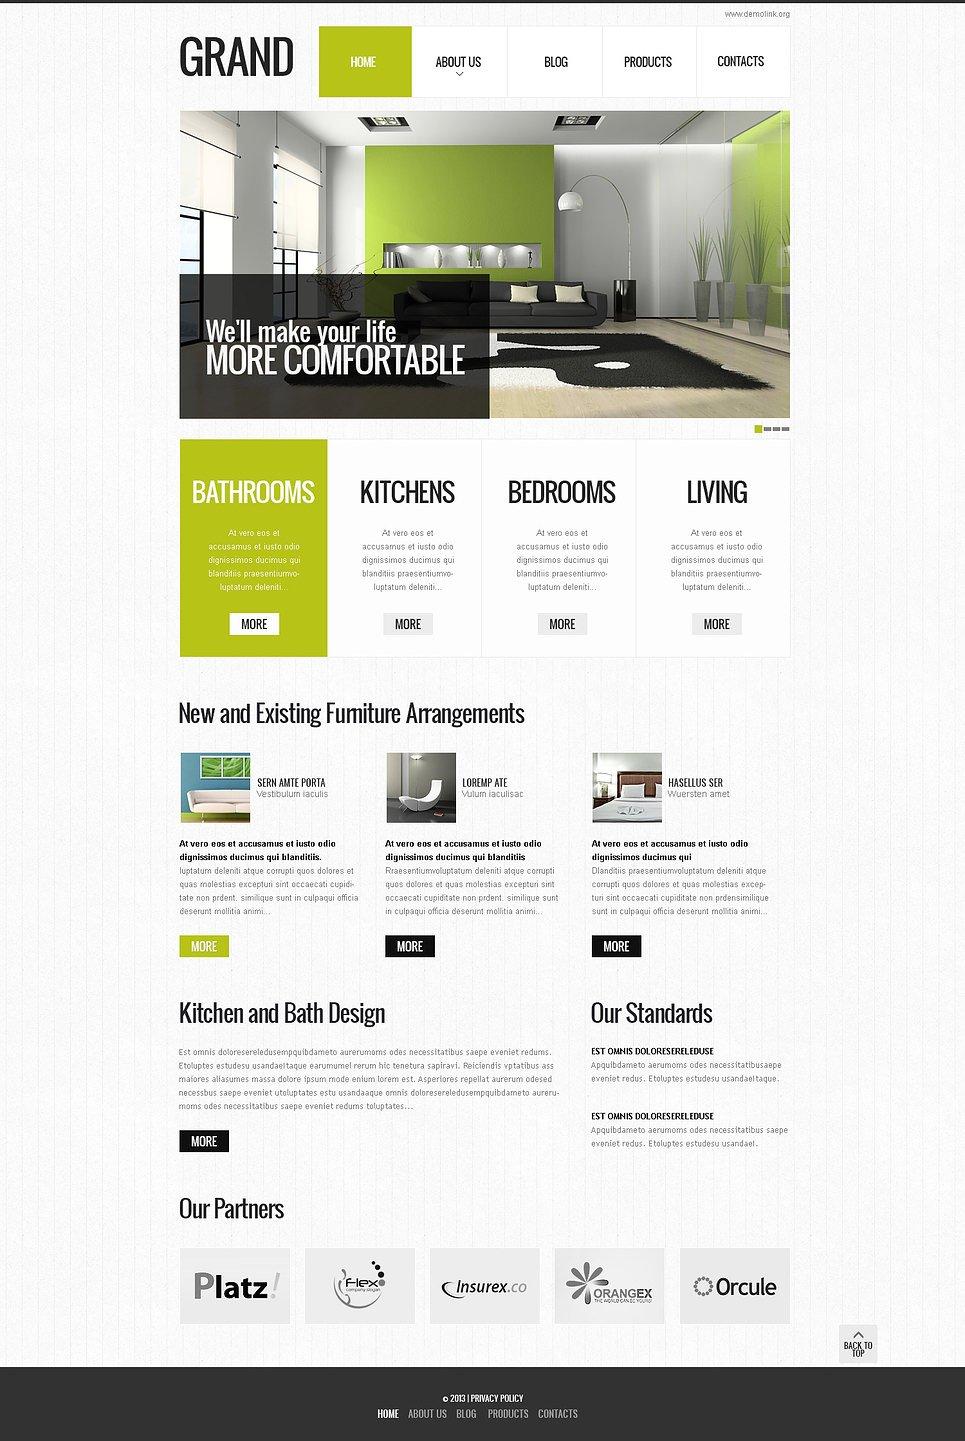 http://www.template.net/SpecialInteriorDesignDrupalTemplate